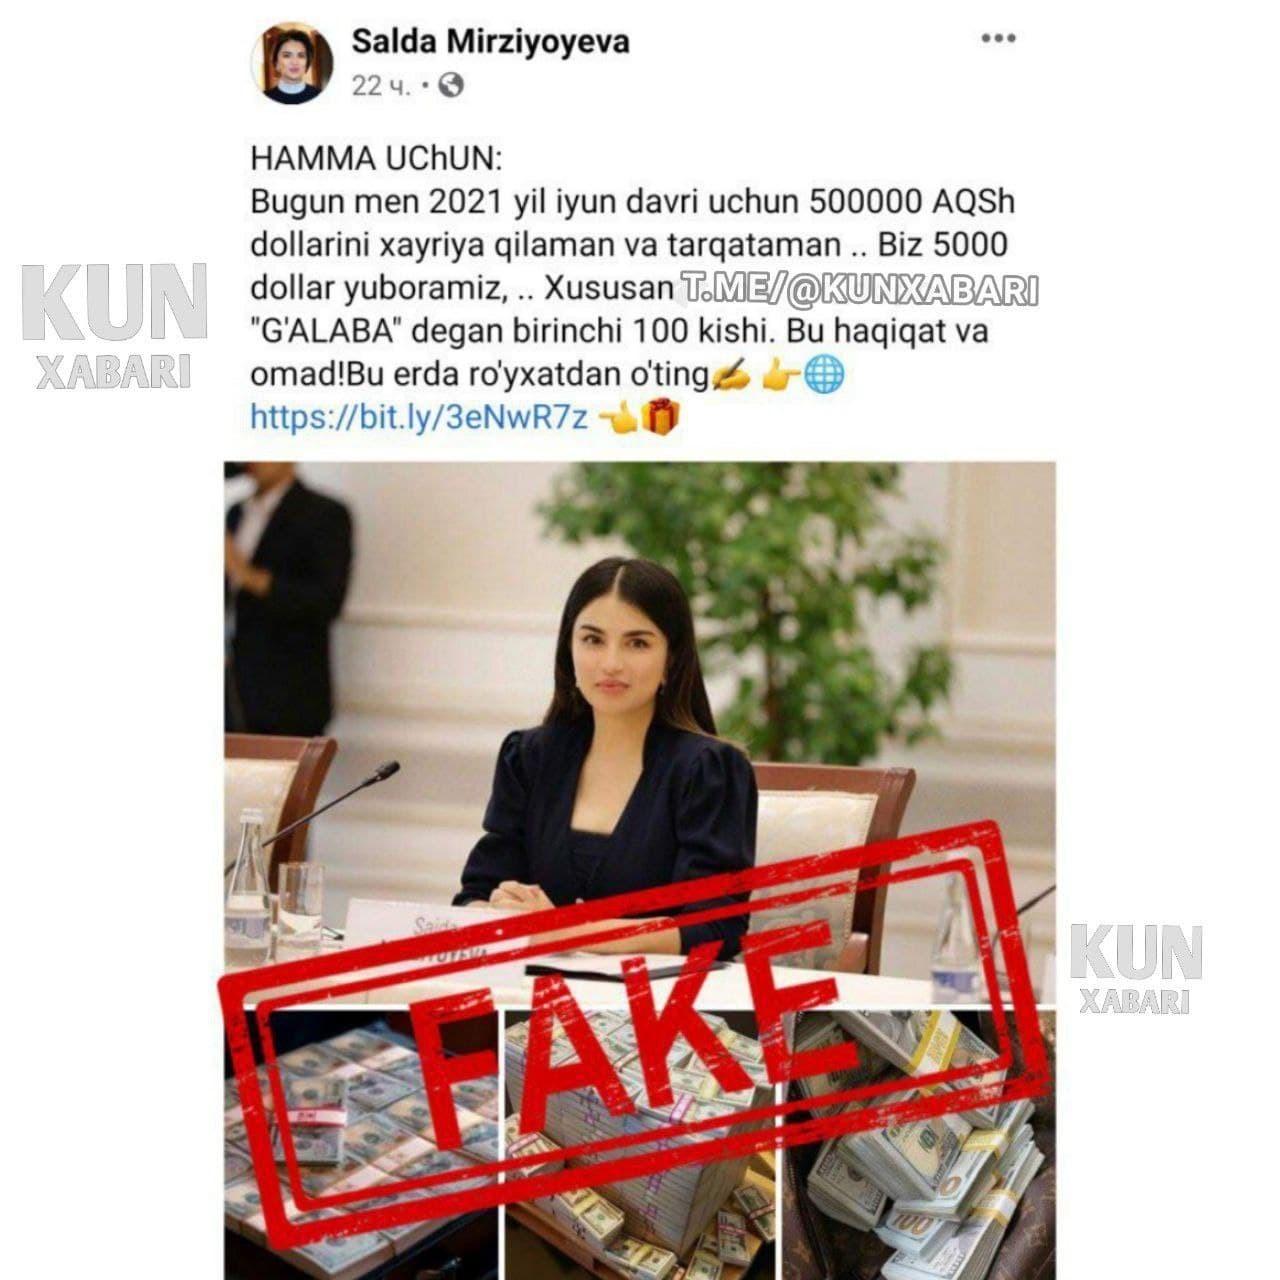 Saida Mirziyoyeva nomidan soxta profil ochib, yolg'on xabar tarqatishmoqda (FOTO)